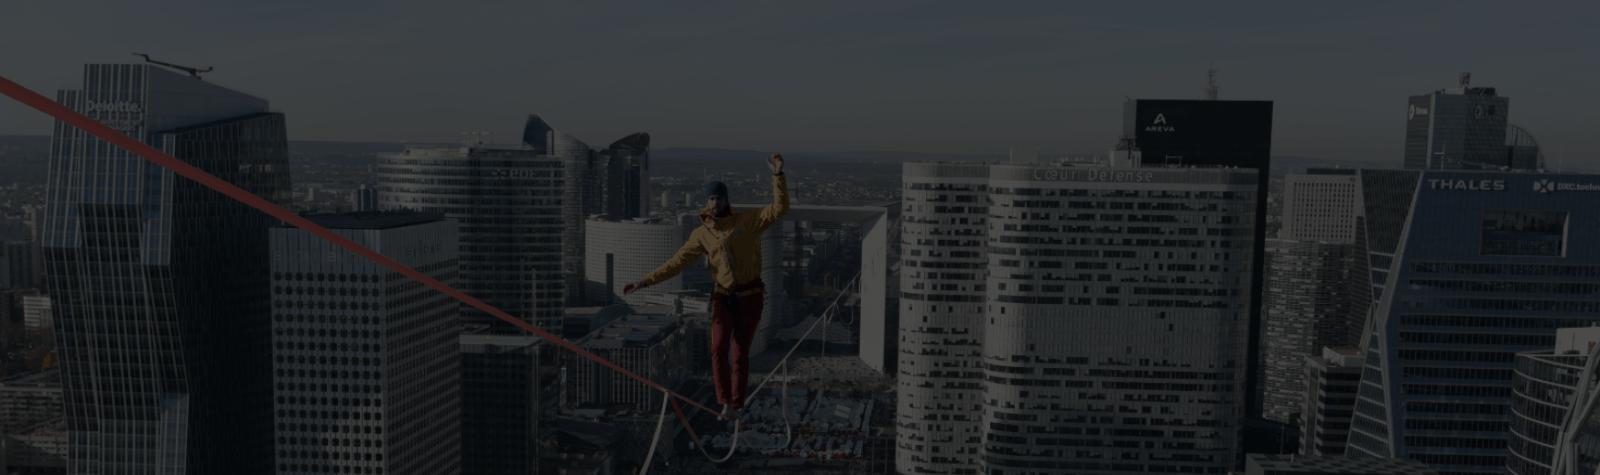 Performance dans le ciel de Paris La Défense : une traversée à revivre pendant le Téléthon